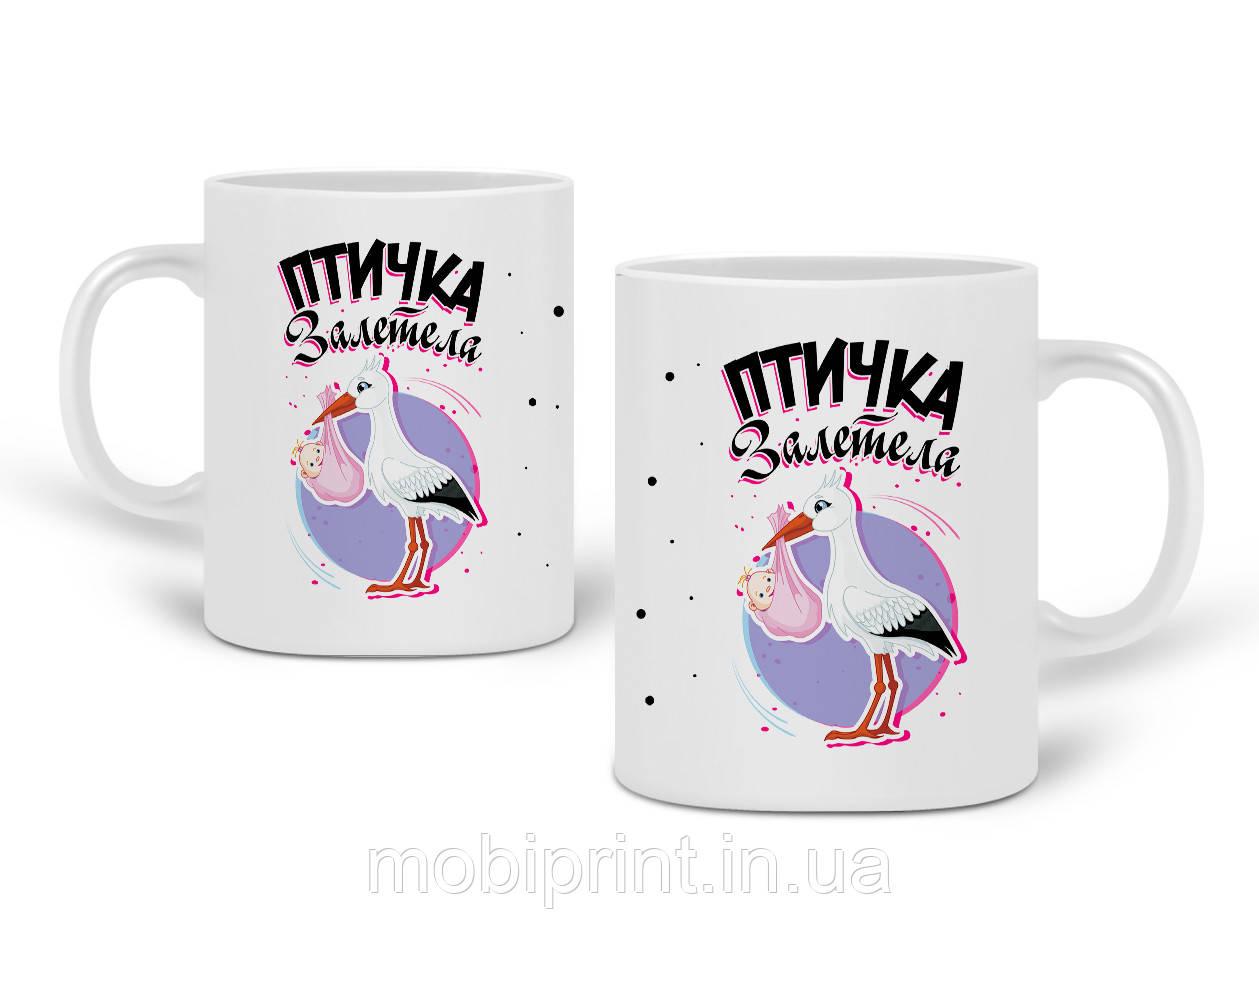 Кружка Птичка залетела 330 мл Чашка Керамическая (20259-1276)